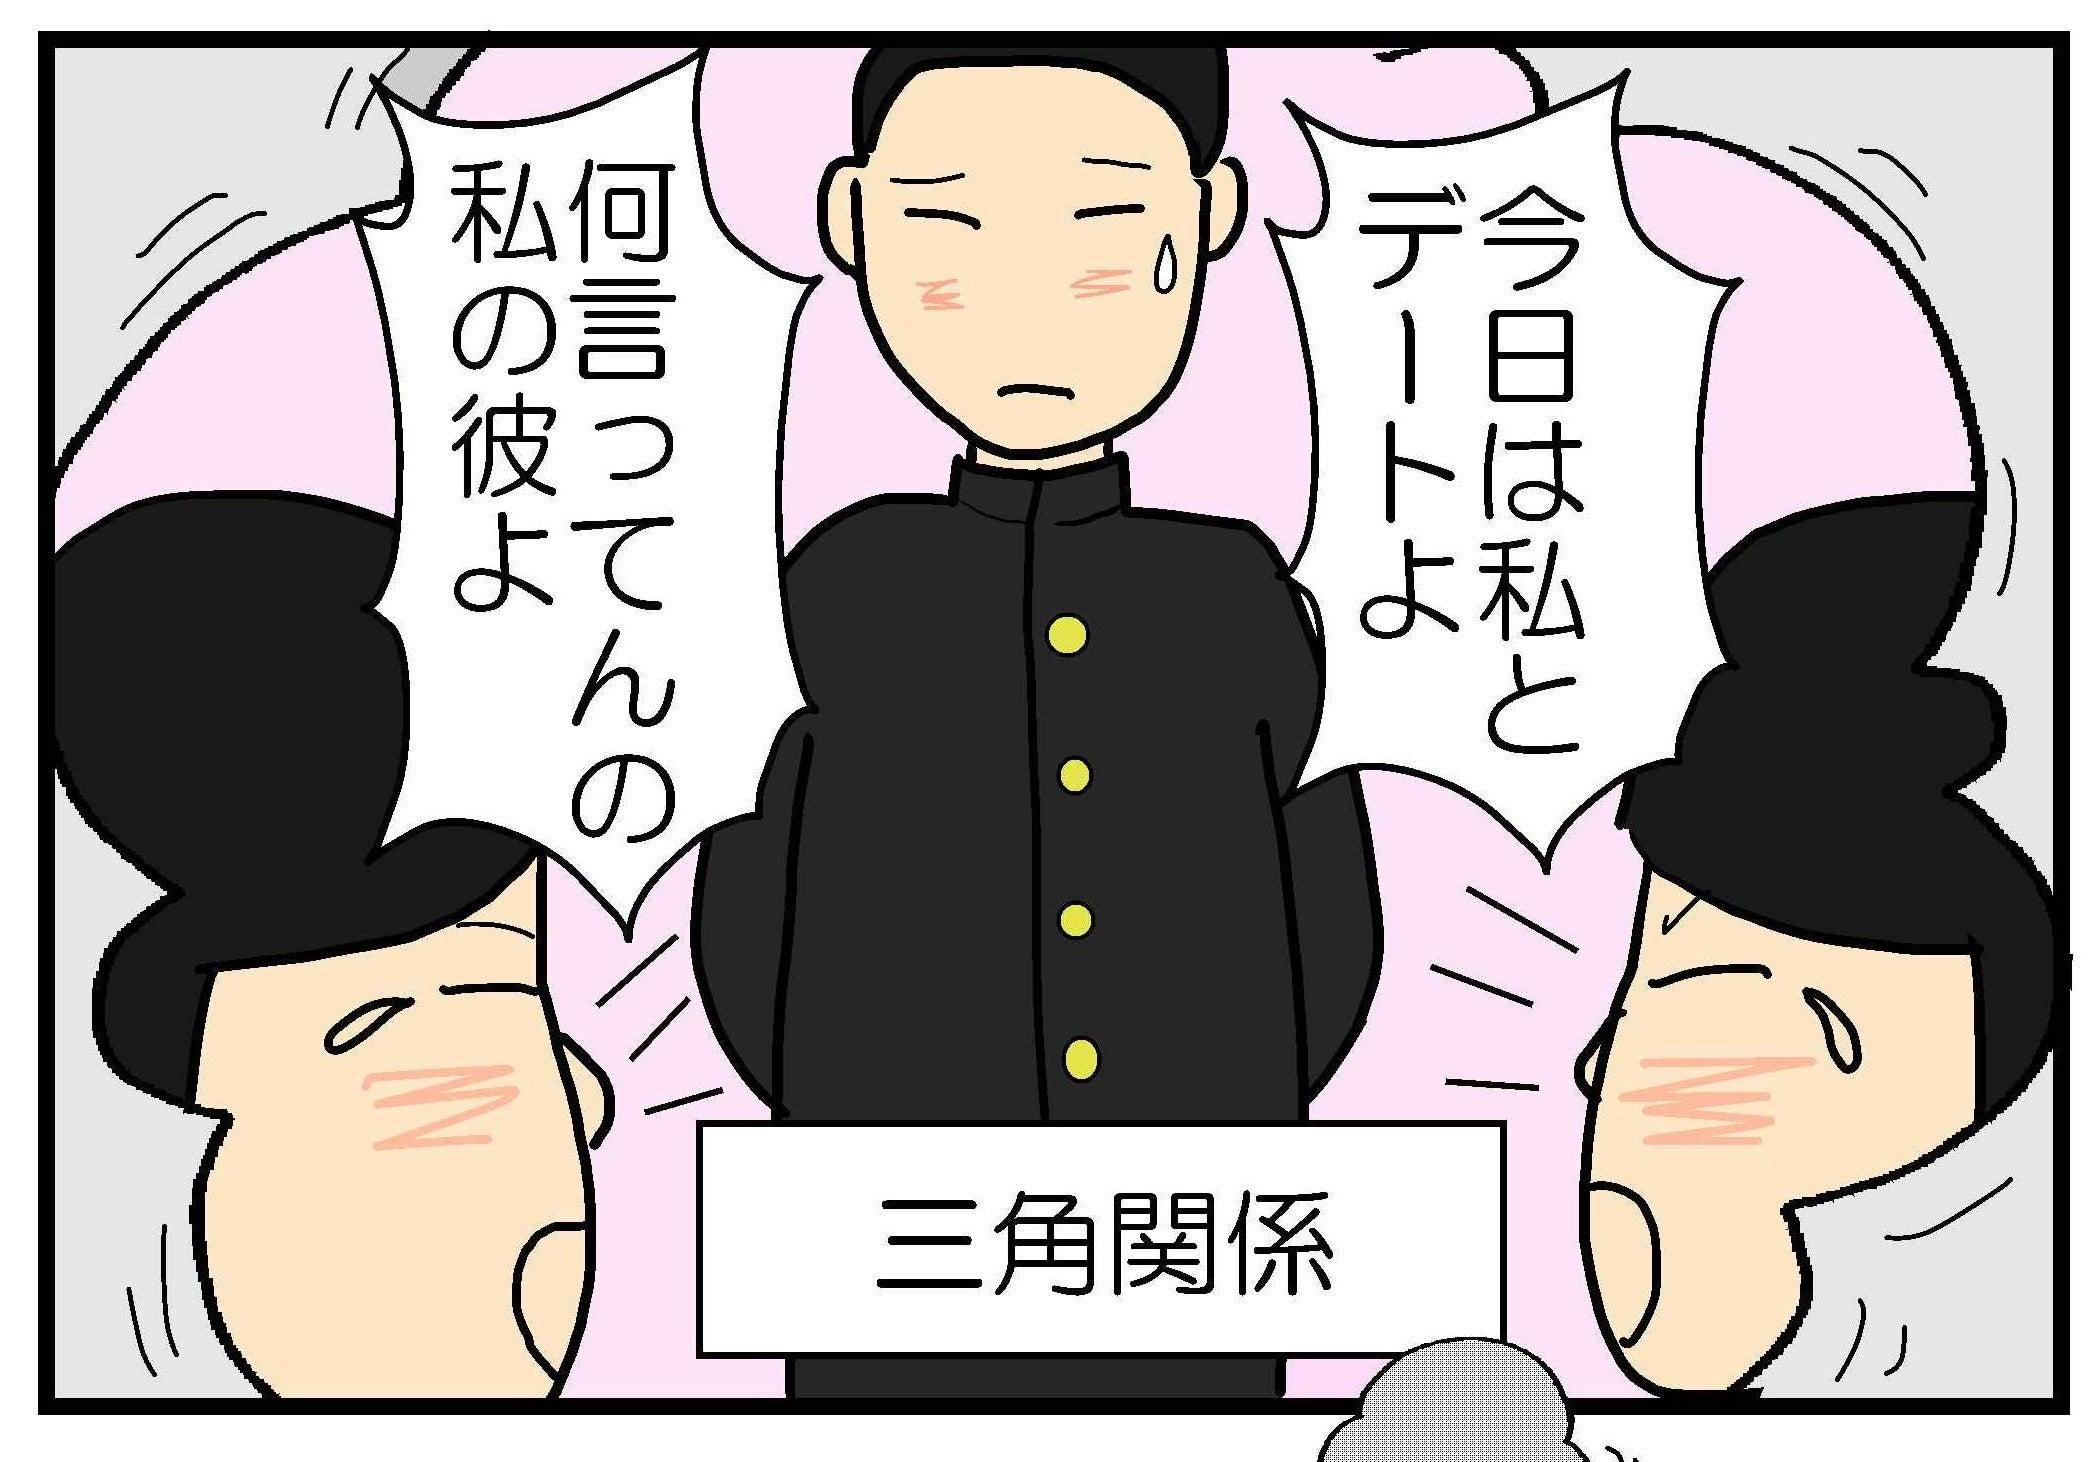 介護カルタ「がんばろう介護職」~広大寺源太の4コマ漫画~ひとりの男性をめぐって